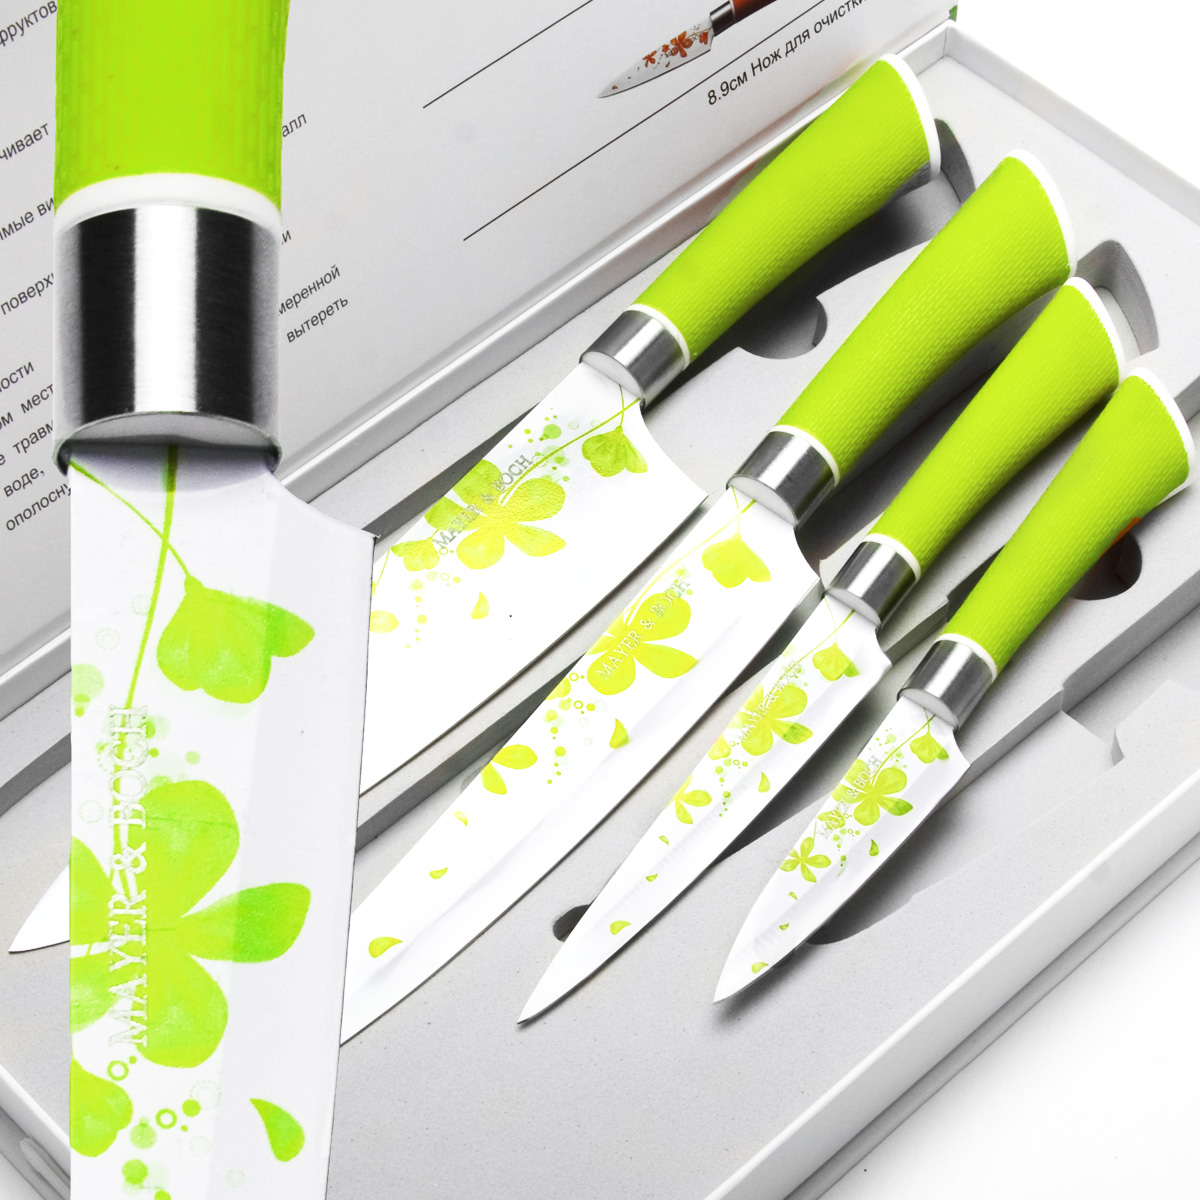 Набор ножей Mayer & Boch, цвет: зеленый, 4 шт. 2414224142Набор ножей Mayer & Boch состоит из 4 ножей: нож поварской, нож универсальный, нож разделочный и нож для очистки. Ножи выполнены из нержавеющей стали, ручки из полипропилена.Оригинальный набор ножей великолепно украсит интерьер кухни и станет замечательным помощником.Можно мыть в посудомоечной машине. Длина лезвия поварского ножа: 20,3 см. Общая длина поварского ножа: 33 см. Длина лезвия разделочного ножа: 20,3 см. Общая длина разделочного ножа: 33 см. Длина лезвия универсального ножа: 12,8 см. Общая длина универсального ножа: 24 см. Длина лезвия ножа для очистки: 8,9 см. Общая длина ножа для очистки: 20 см.